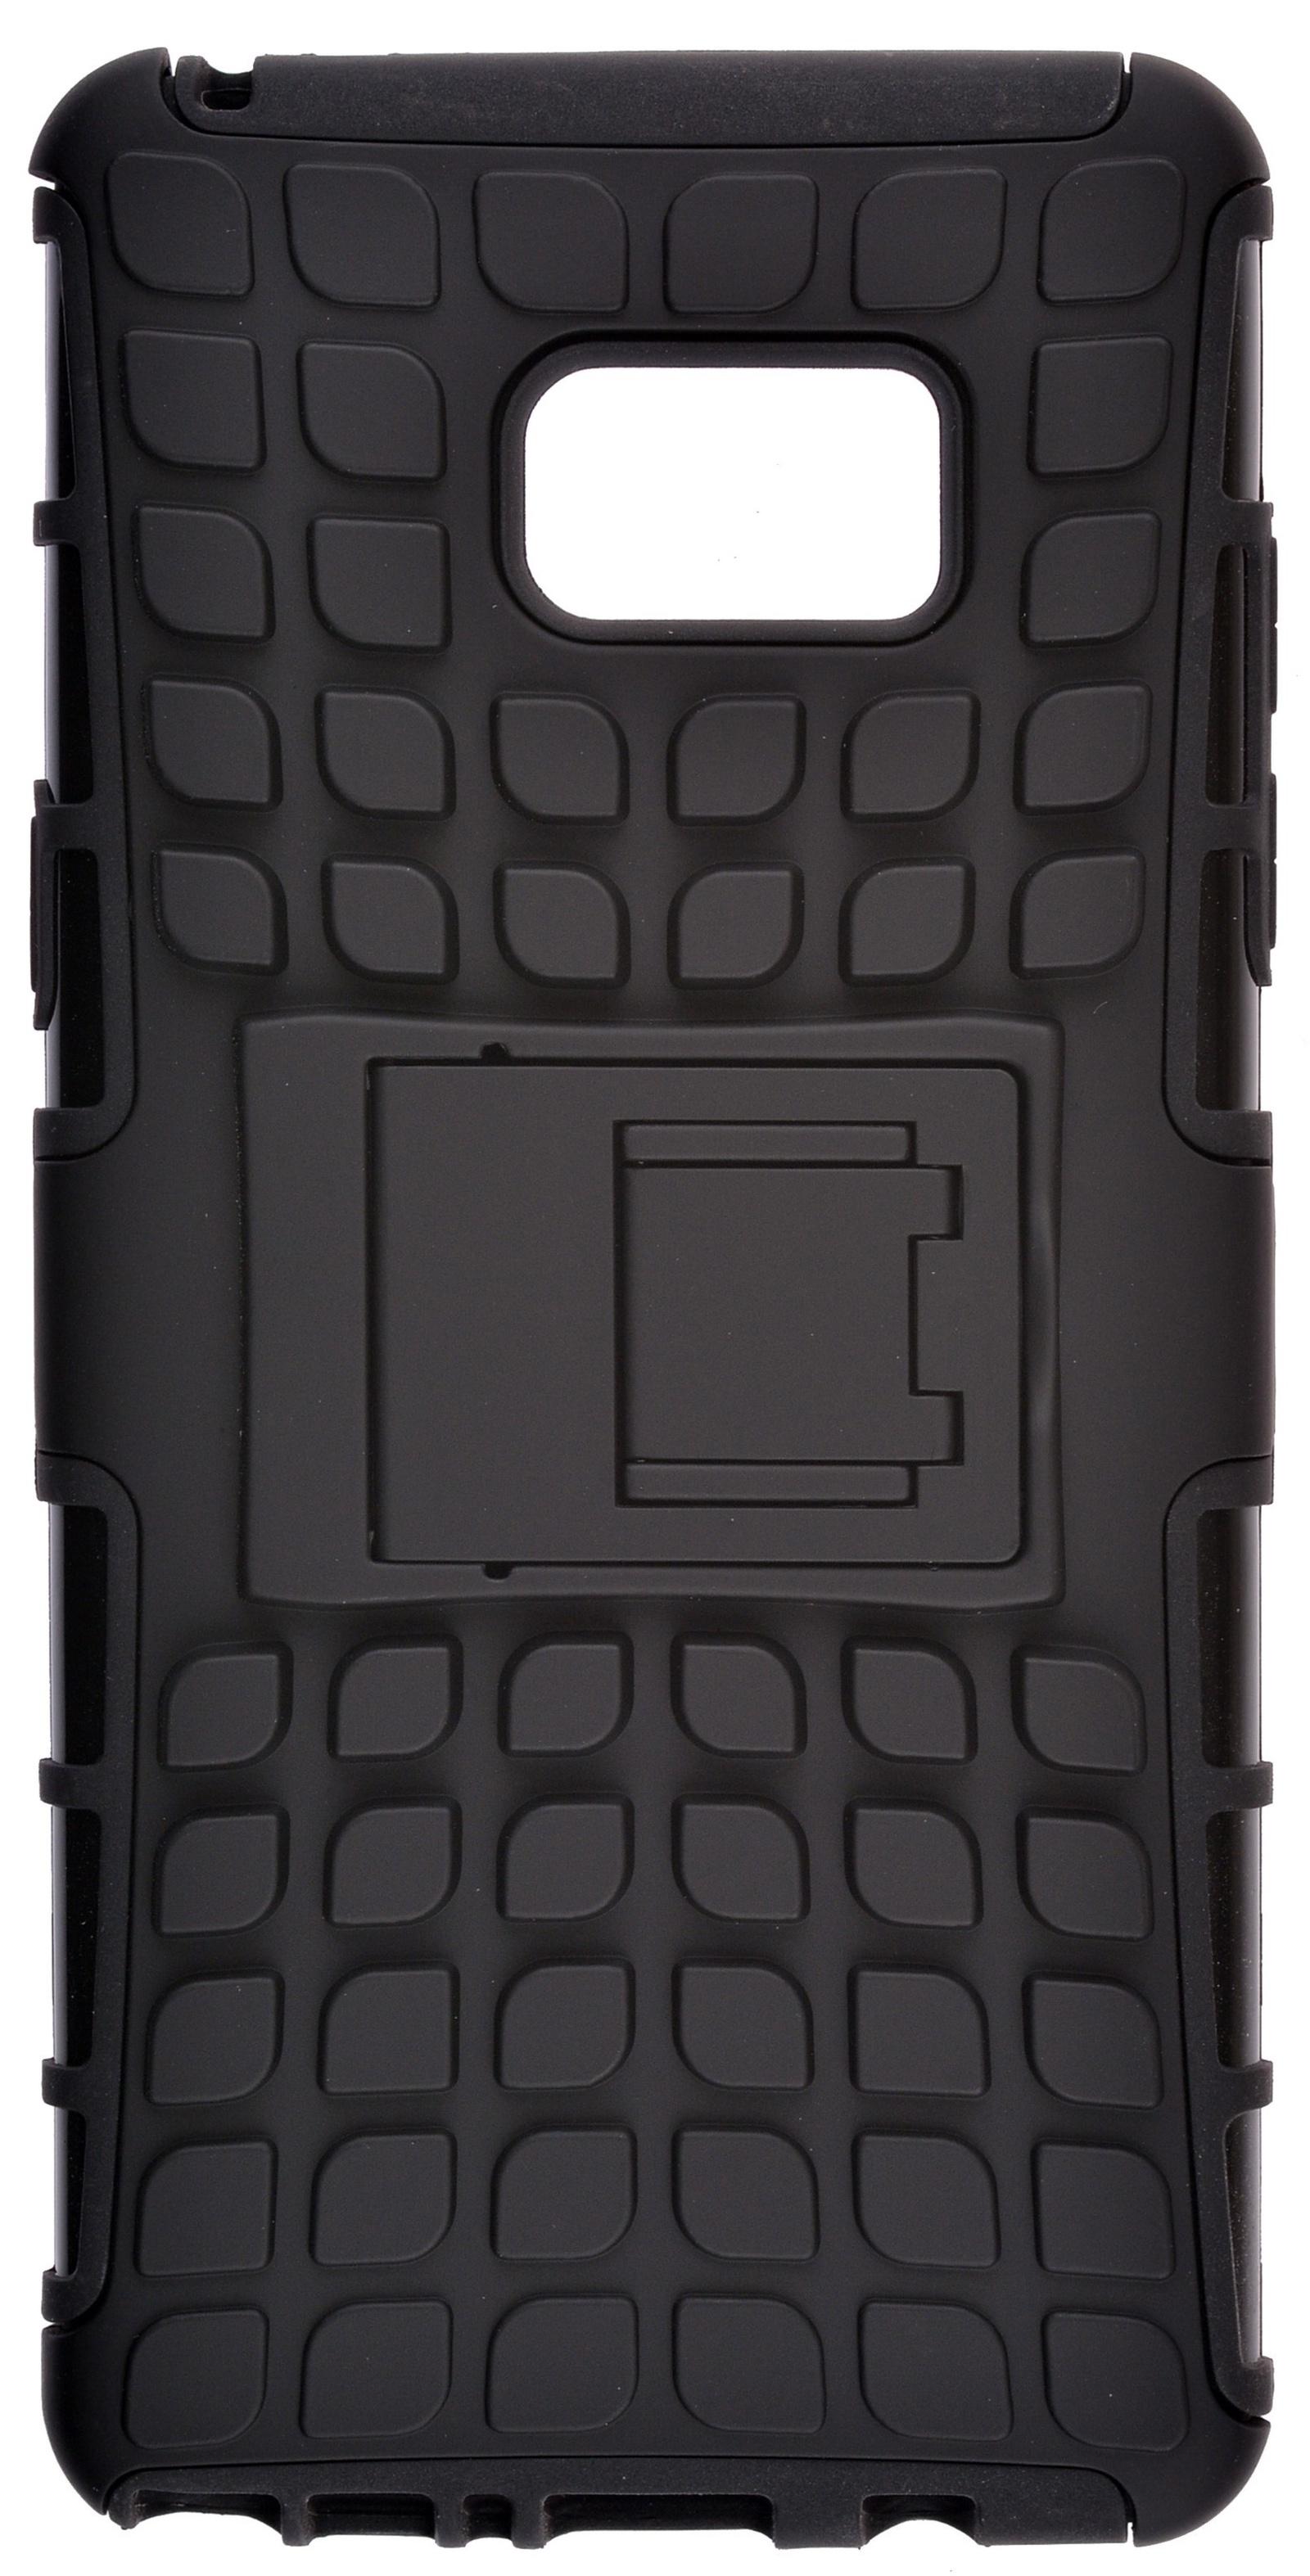 Чехол для сотового телефона skinBOX Defender, 4630042523951, черный skinbox flip case чехол для samsung galaxy y black